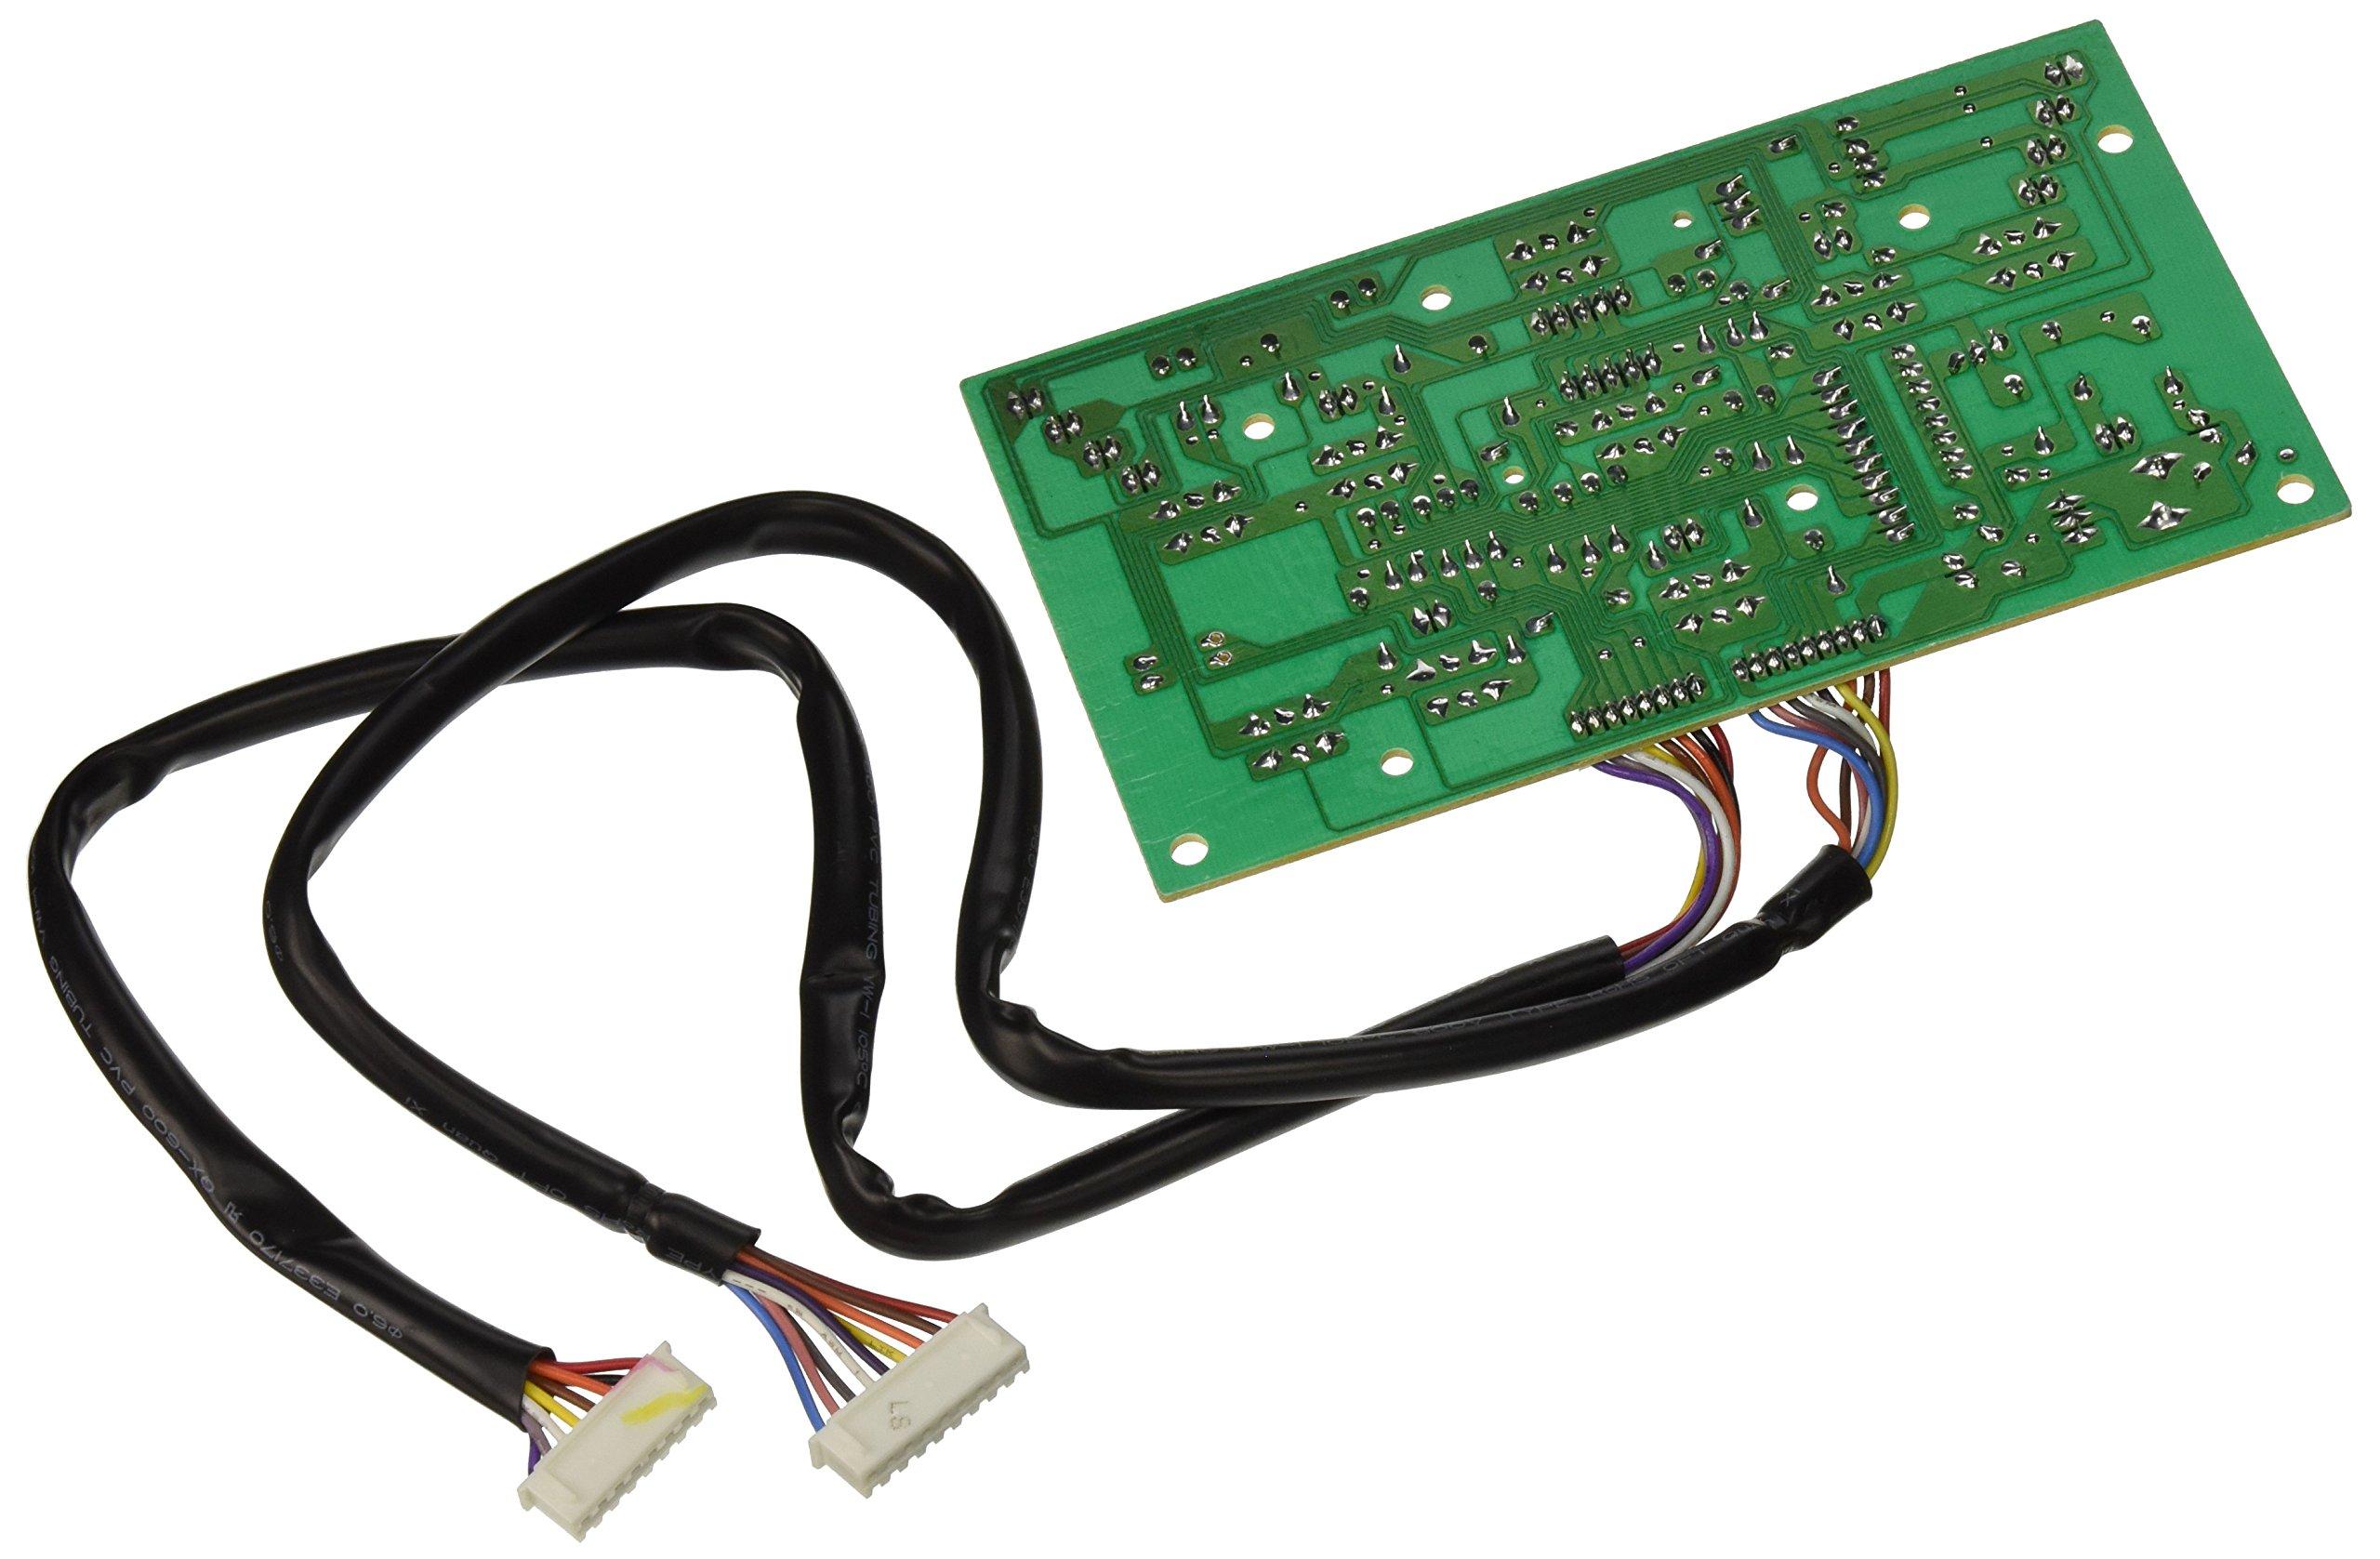 Frigidaire 5304467484 Air Conditioner Control Board by Frigidaire